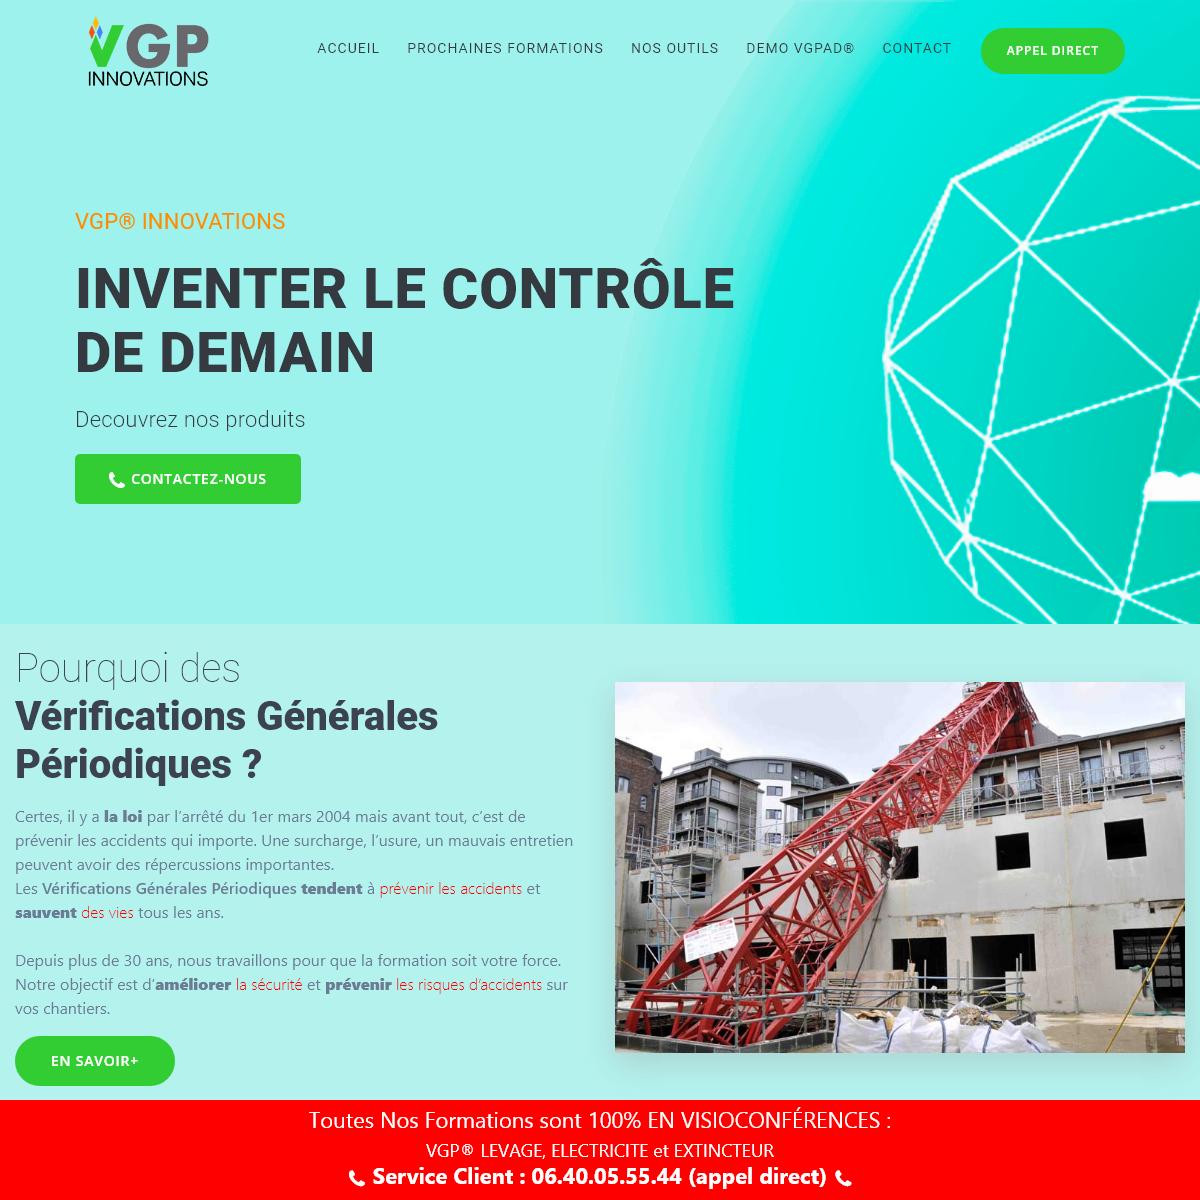 VGP® INNOVATIONS - Notre Formation est Votre Force